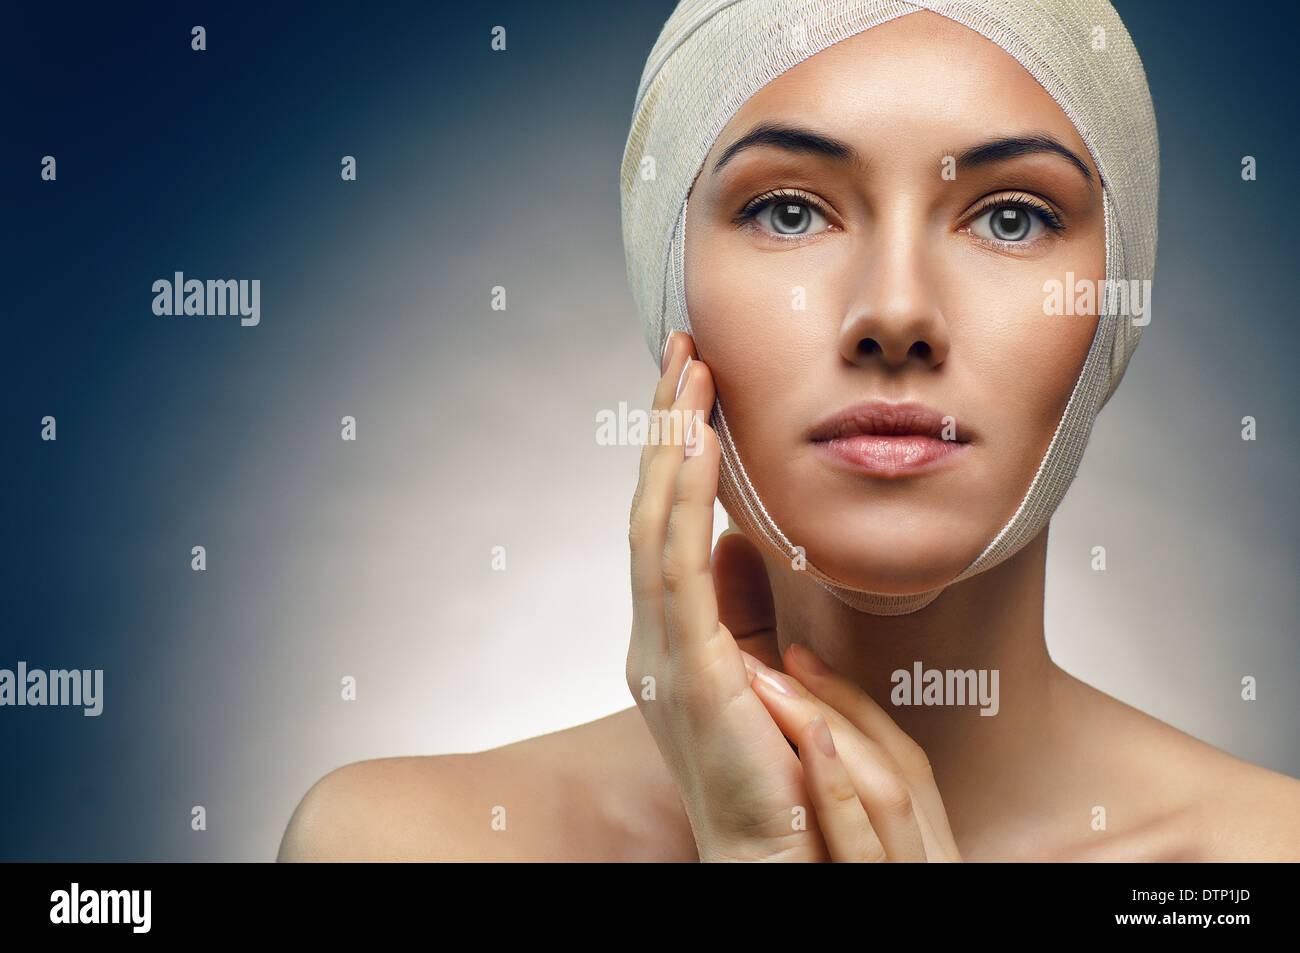 Schönheit Frau auf blauem Hintergrund Stockbild